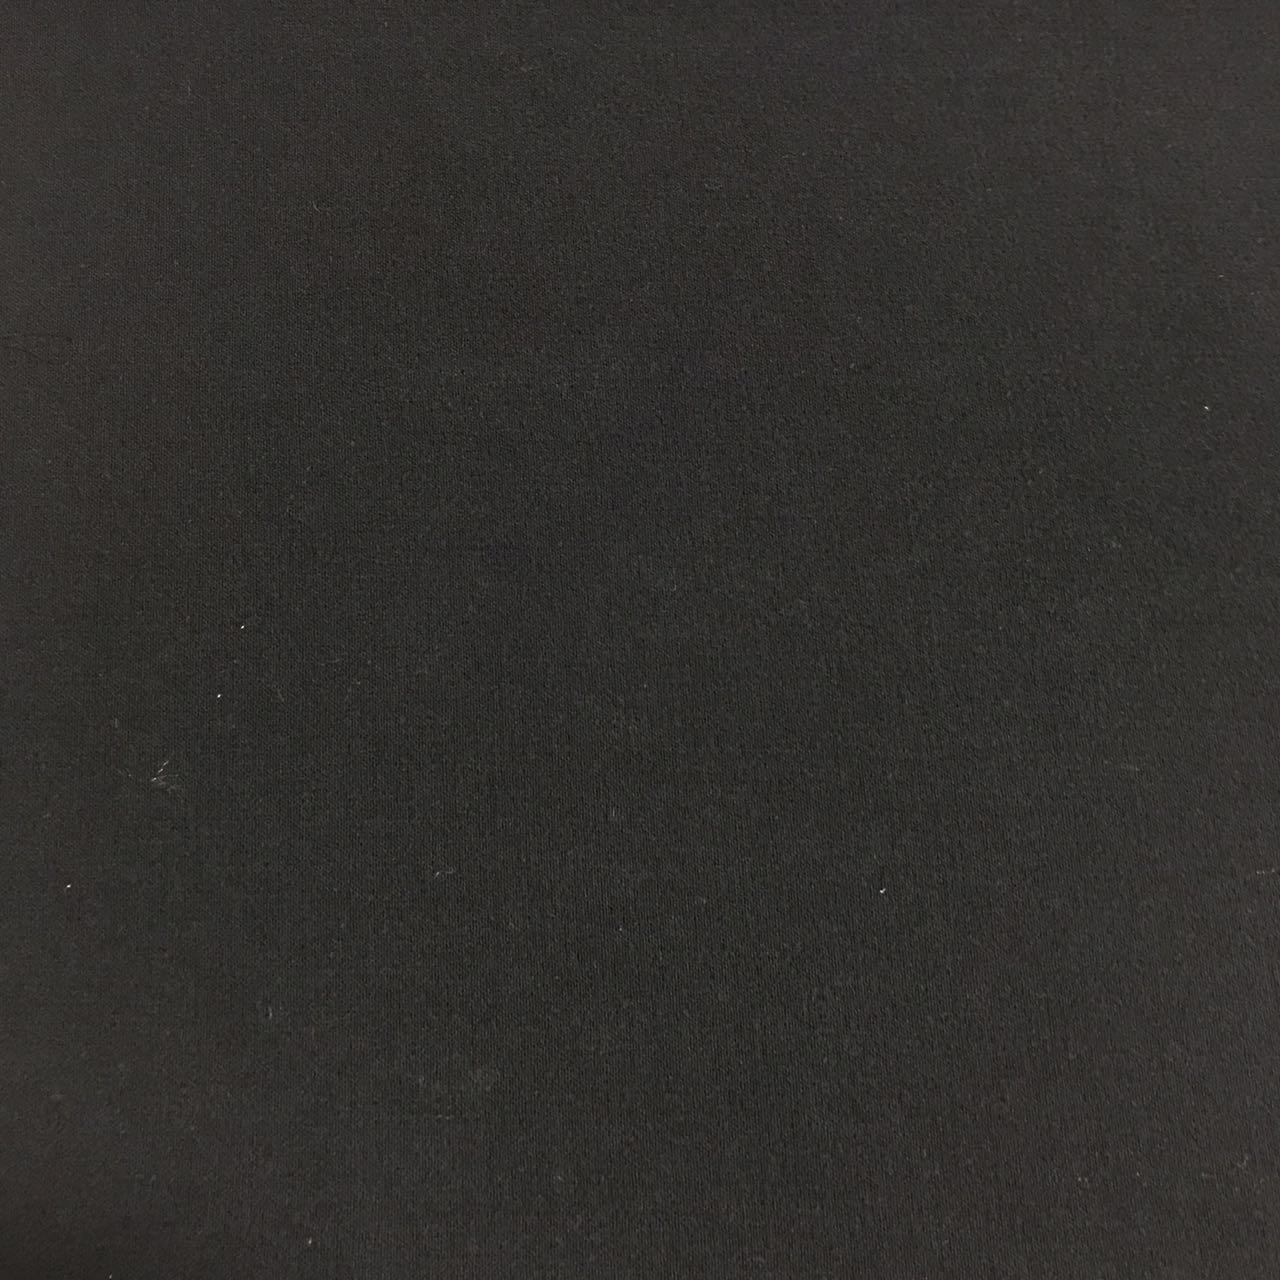 绍兴纺织品有限公司_绍兴固鑫纺织品有限公司GS-P0461 - 中纺通